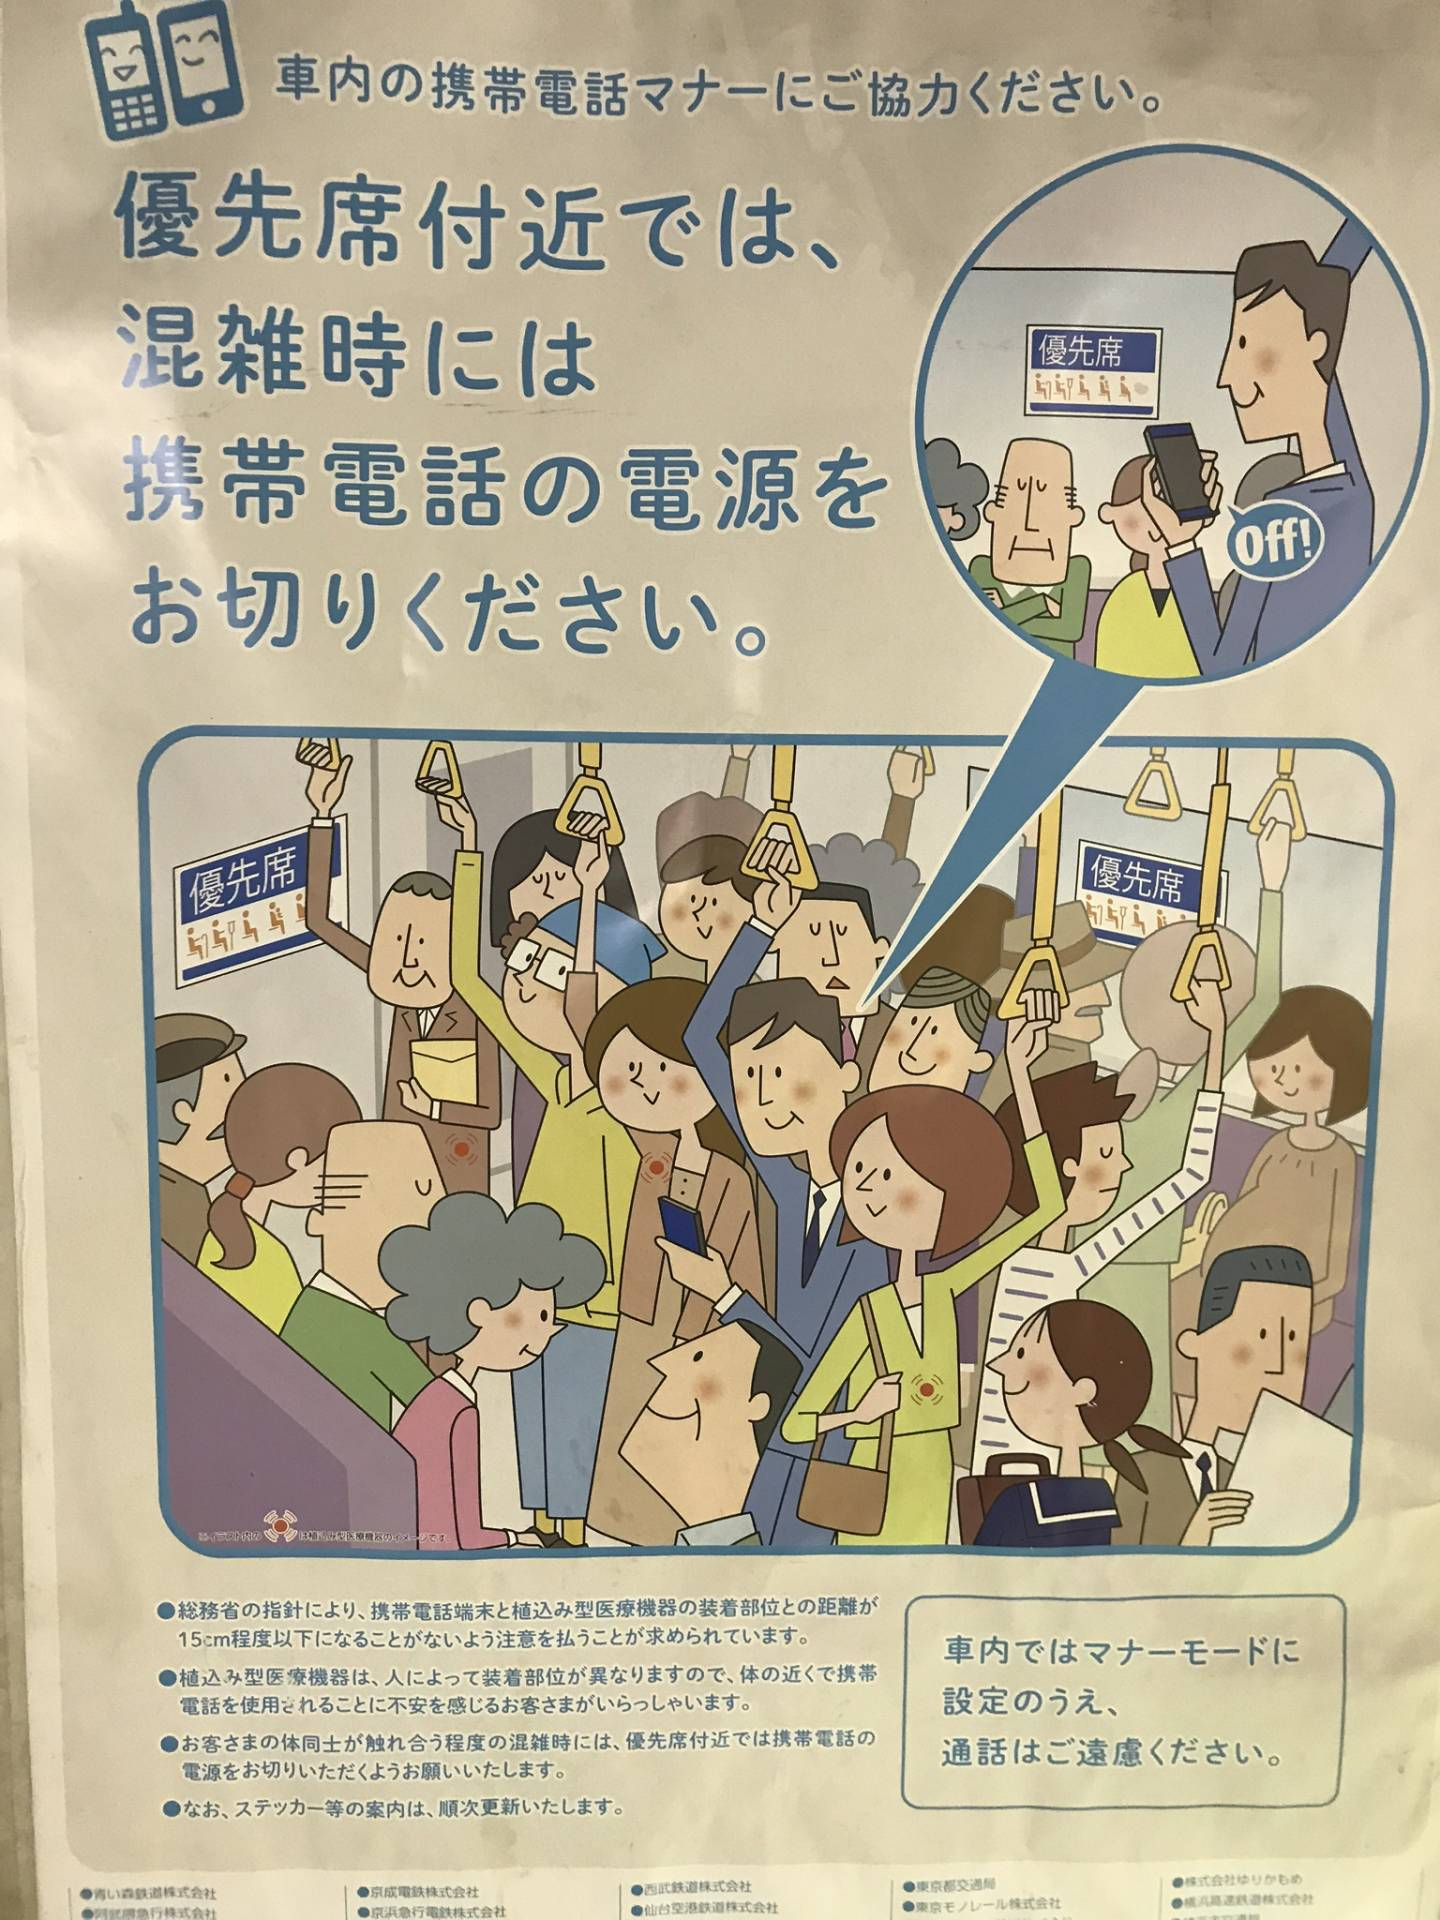 ein Plakat zum richtigen Verhalten in japanischen Zügen